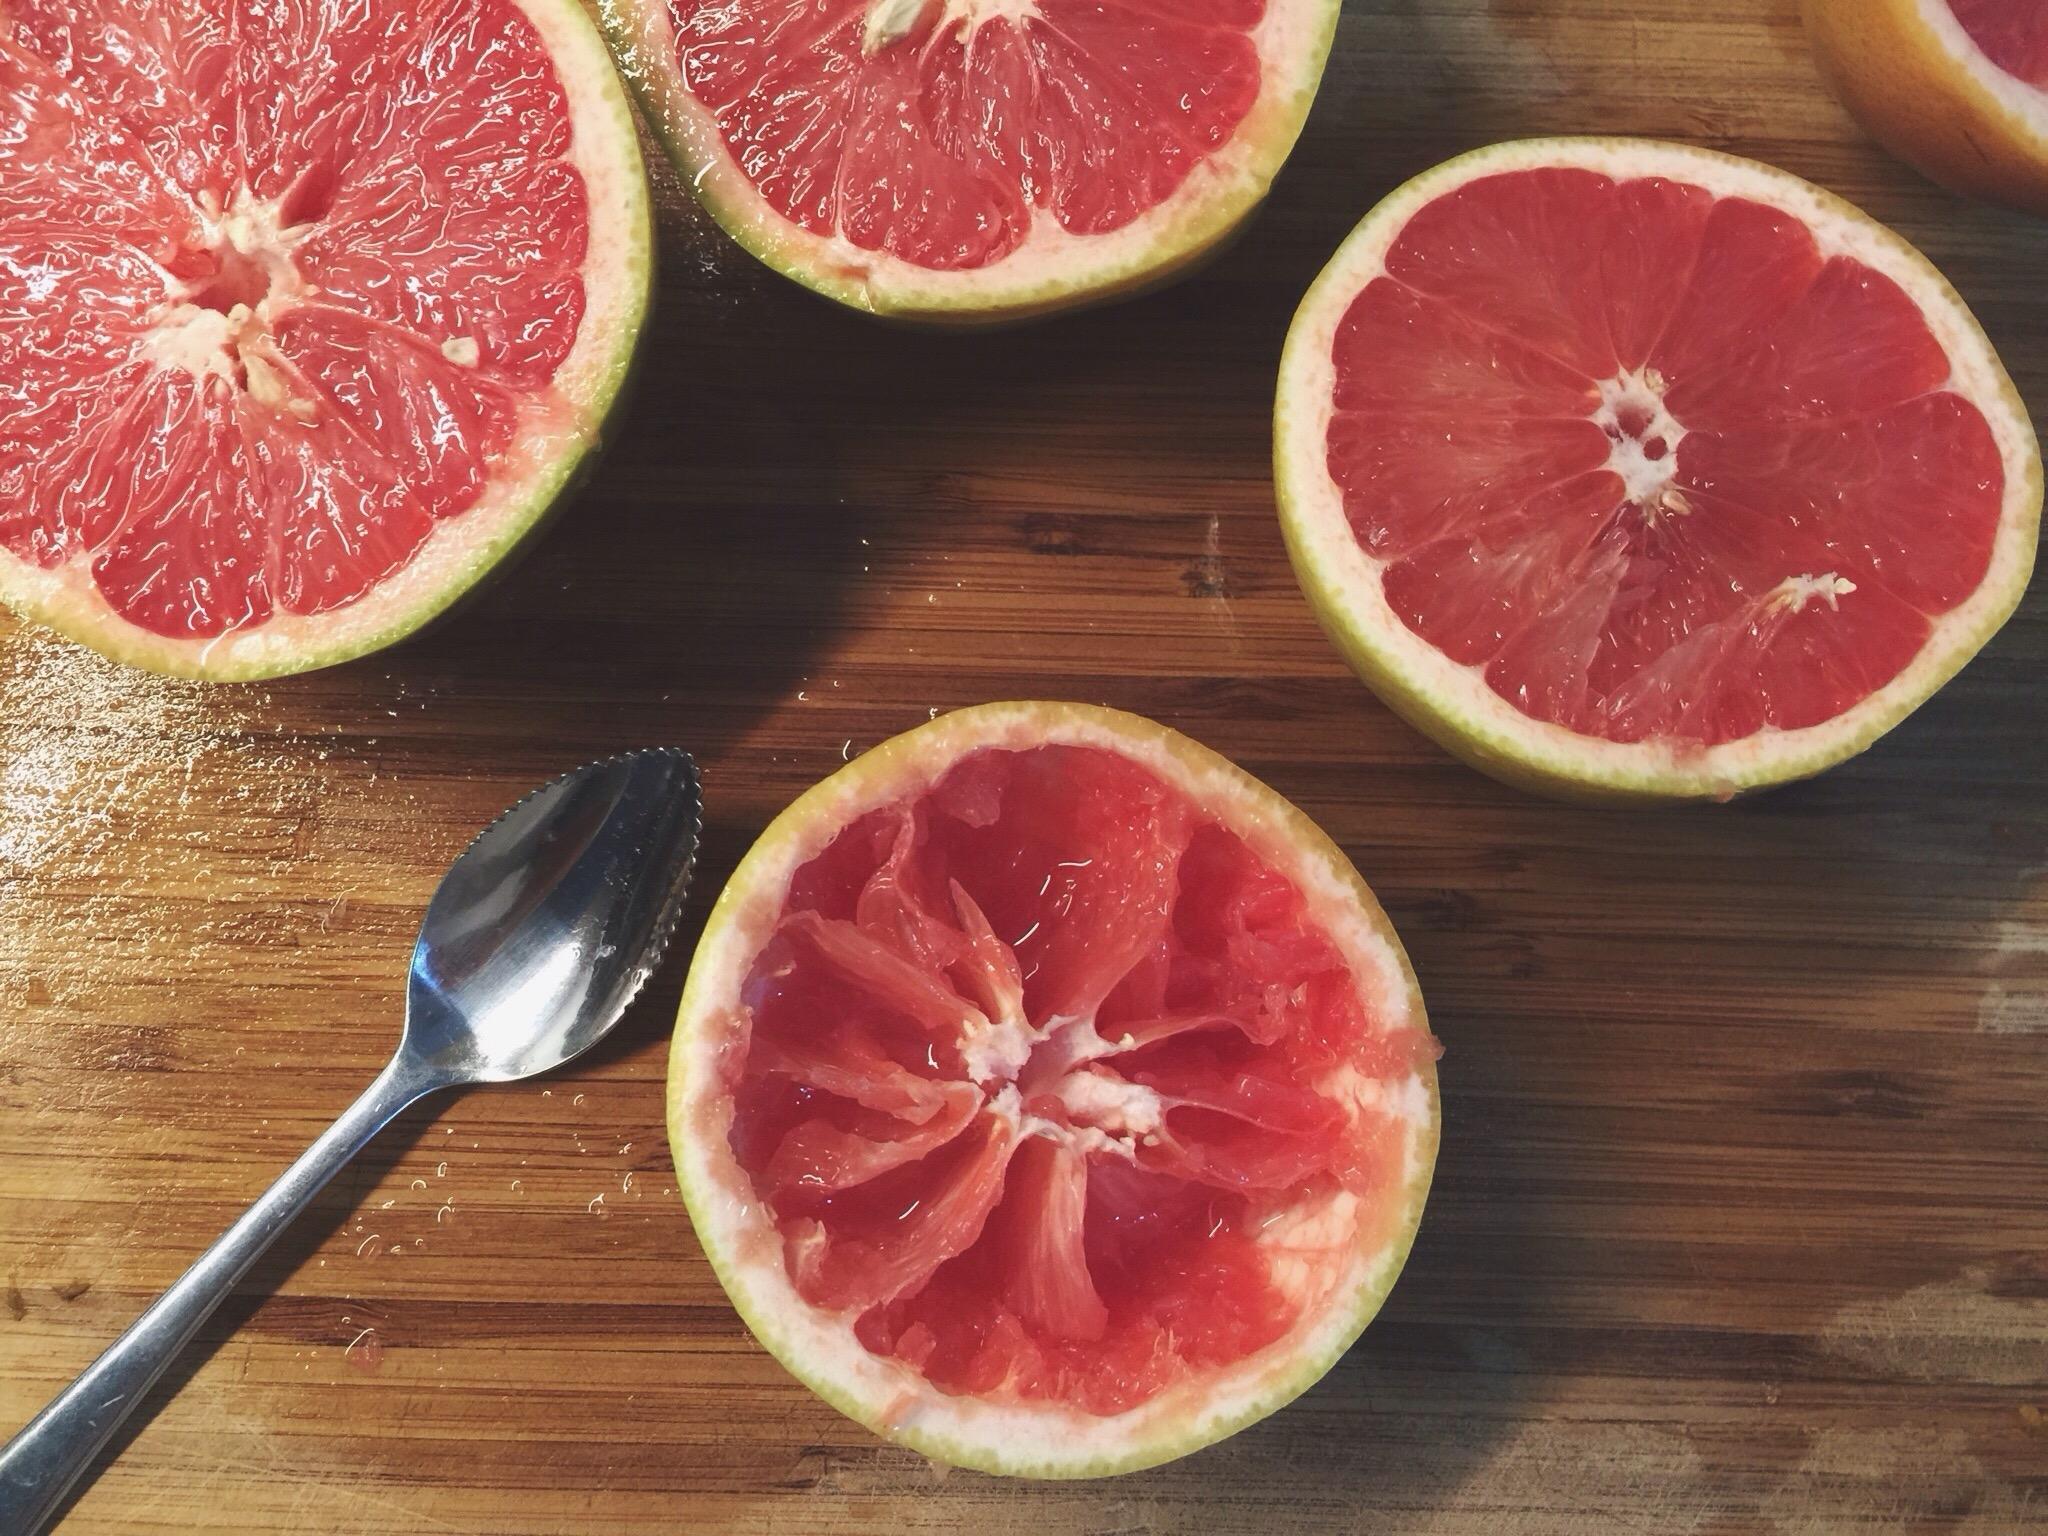 一把葡萄柚勺子坐在木质表面上包围着减半的葡萄柚。